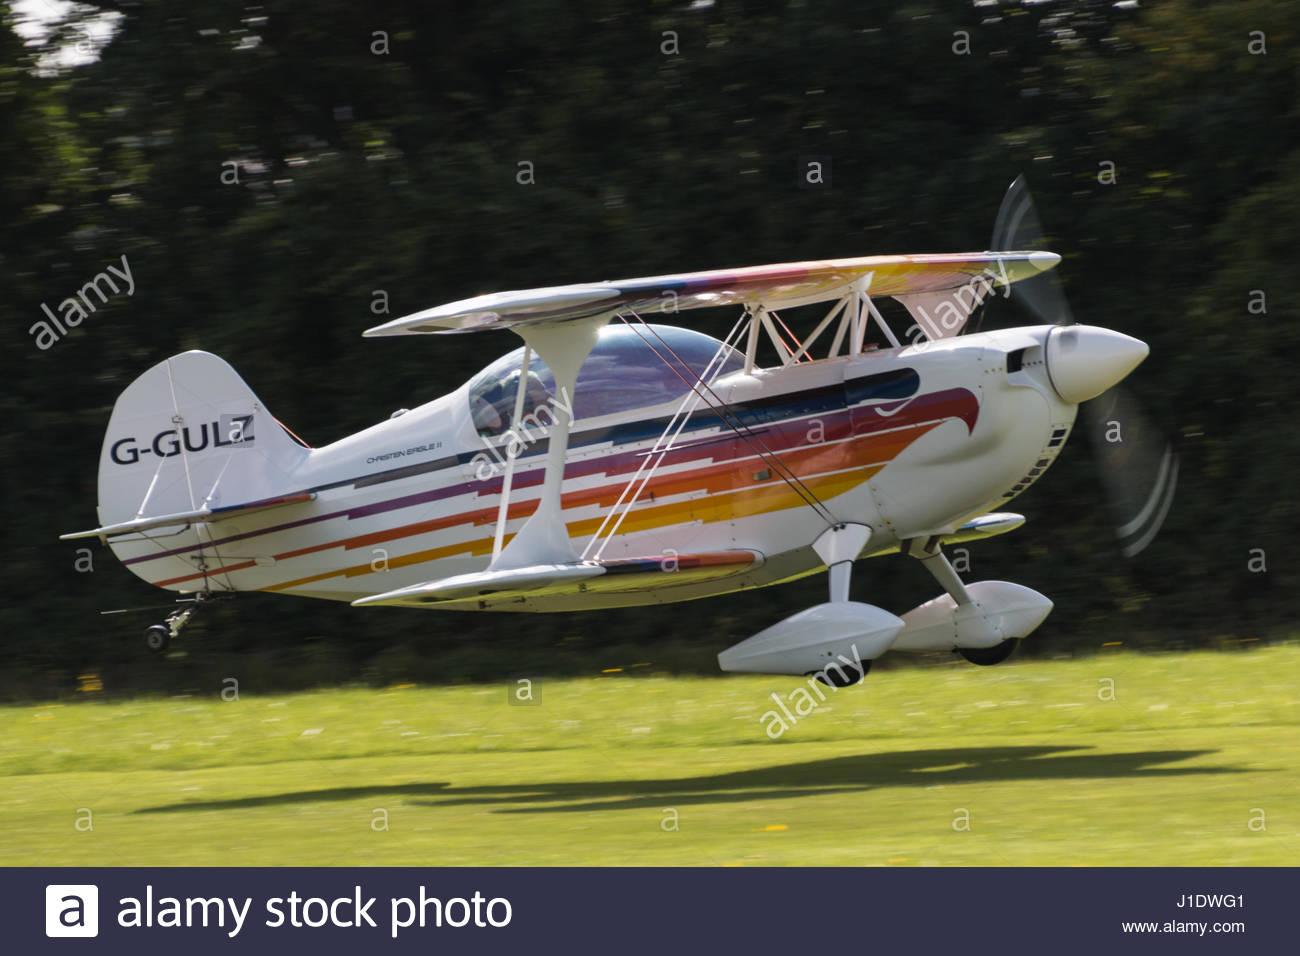 Biplane Christen Eagle II registration G-GULZ landing at Stoke Golding airfield - Stock-Bilder